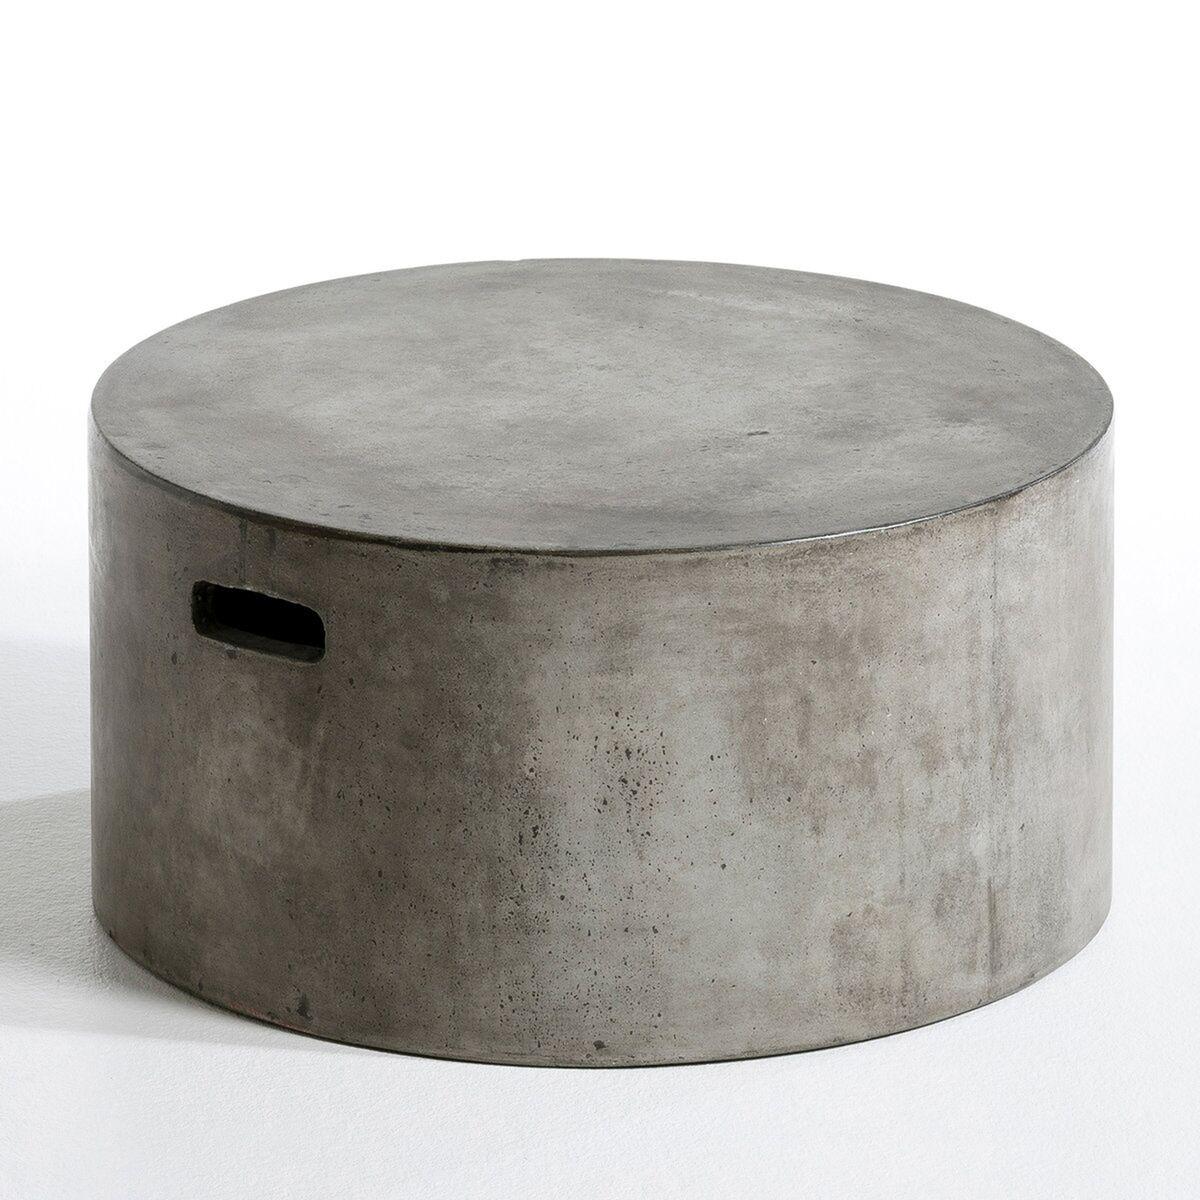 AM.PM Table basse en ciment, Tatum